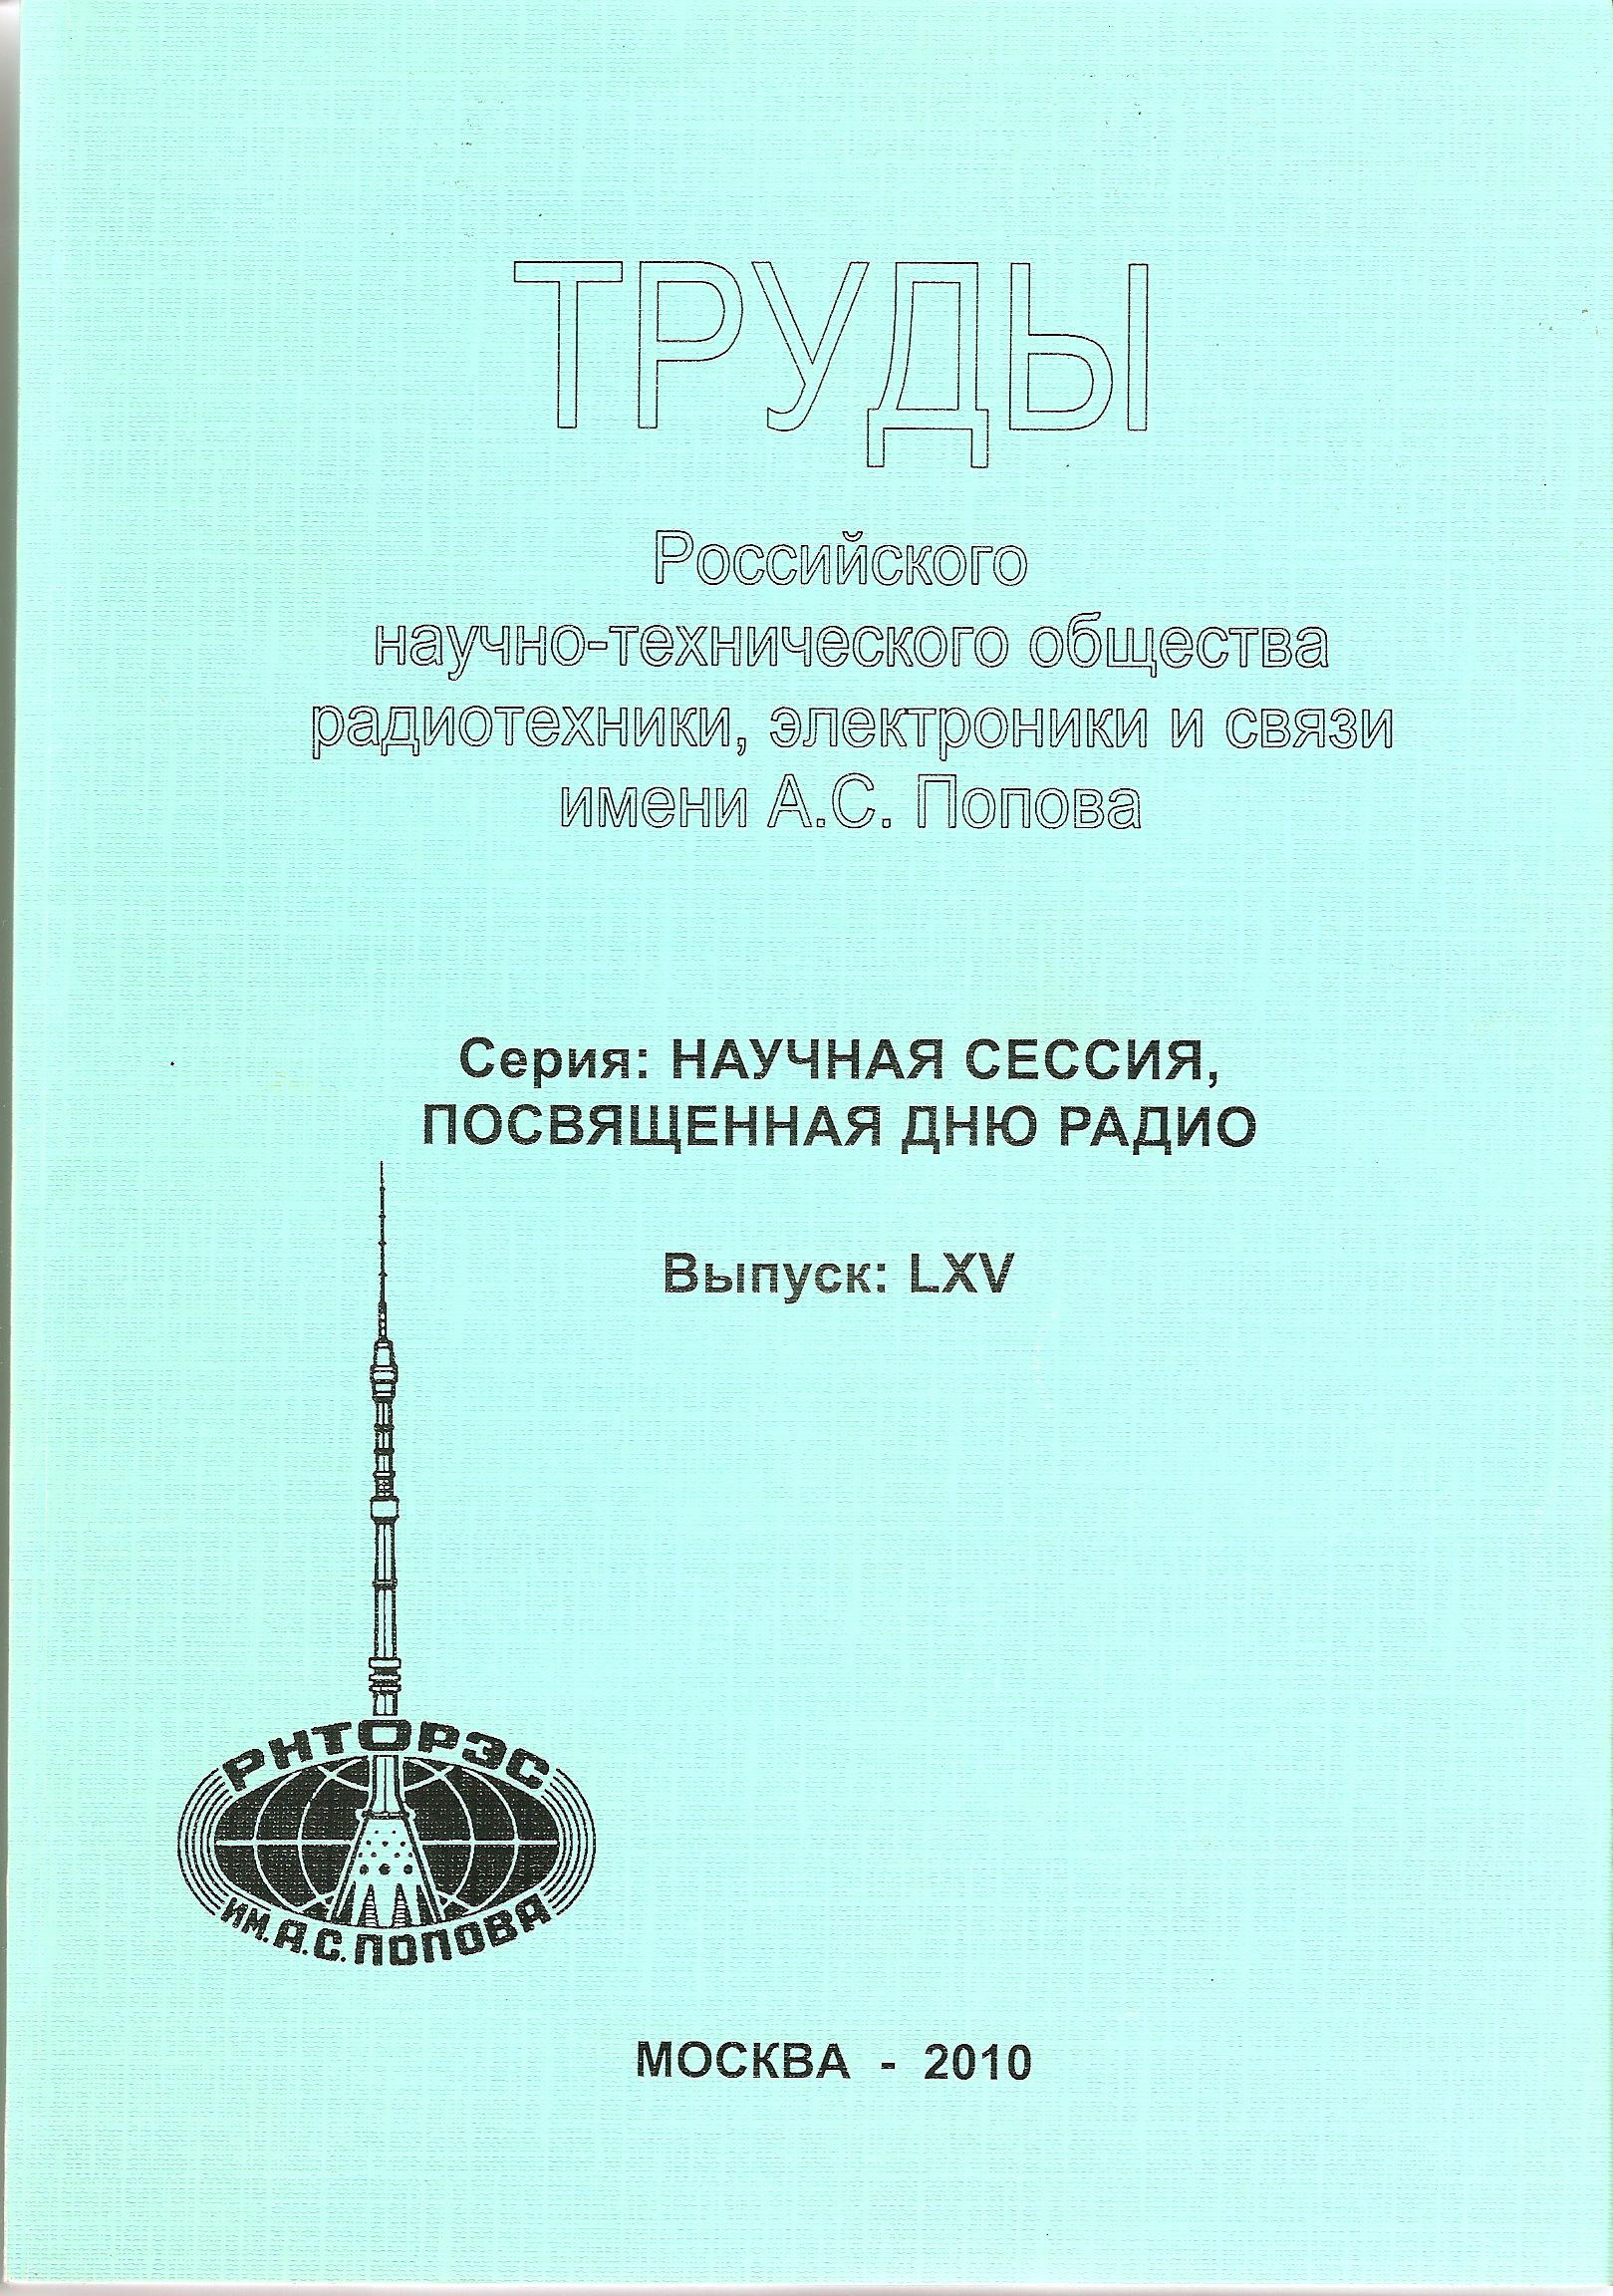 Измерительные комплексы научного и учебного назначения на основе двухканального блока формирования радиосигналов Г4-РК2/150